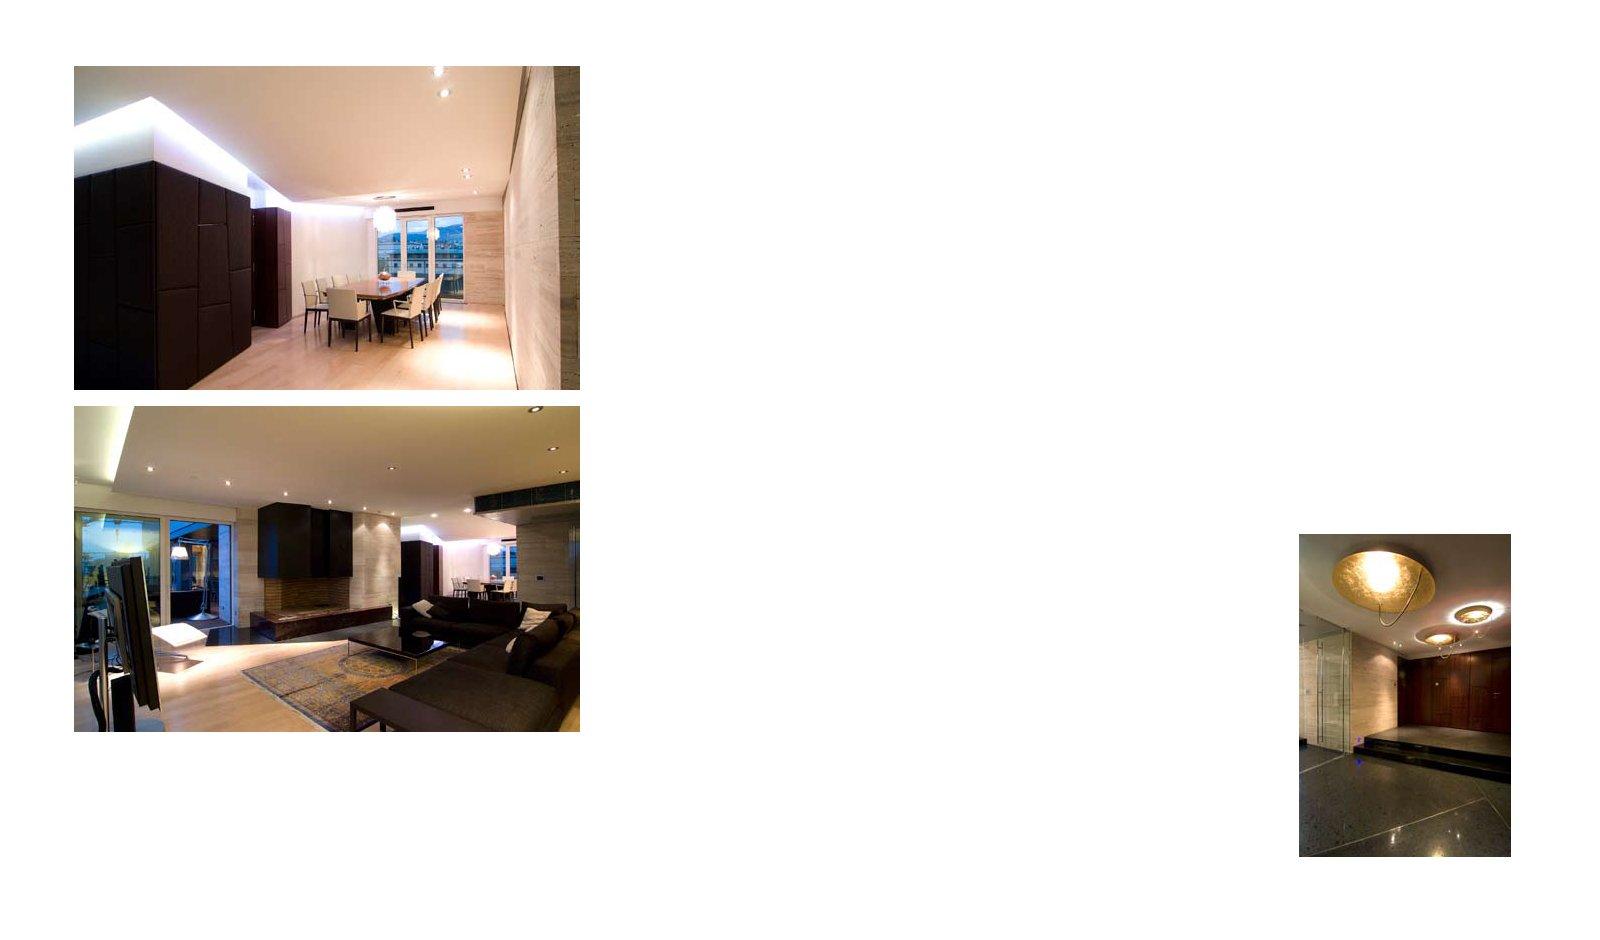 K apartment